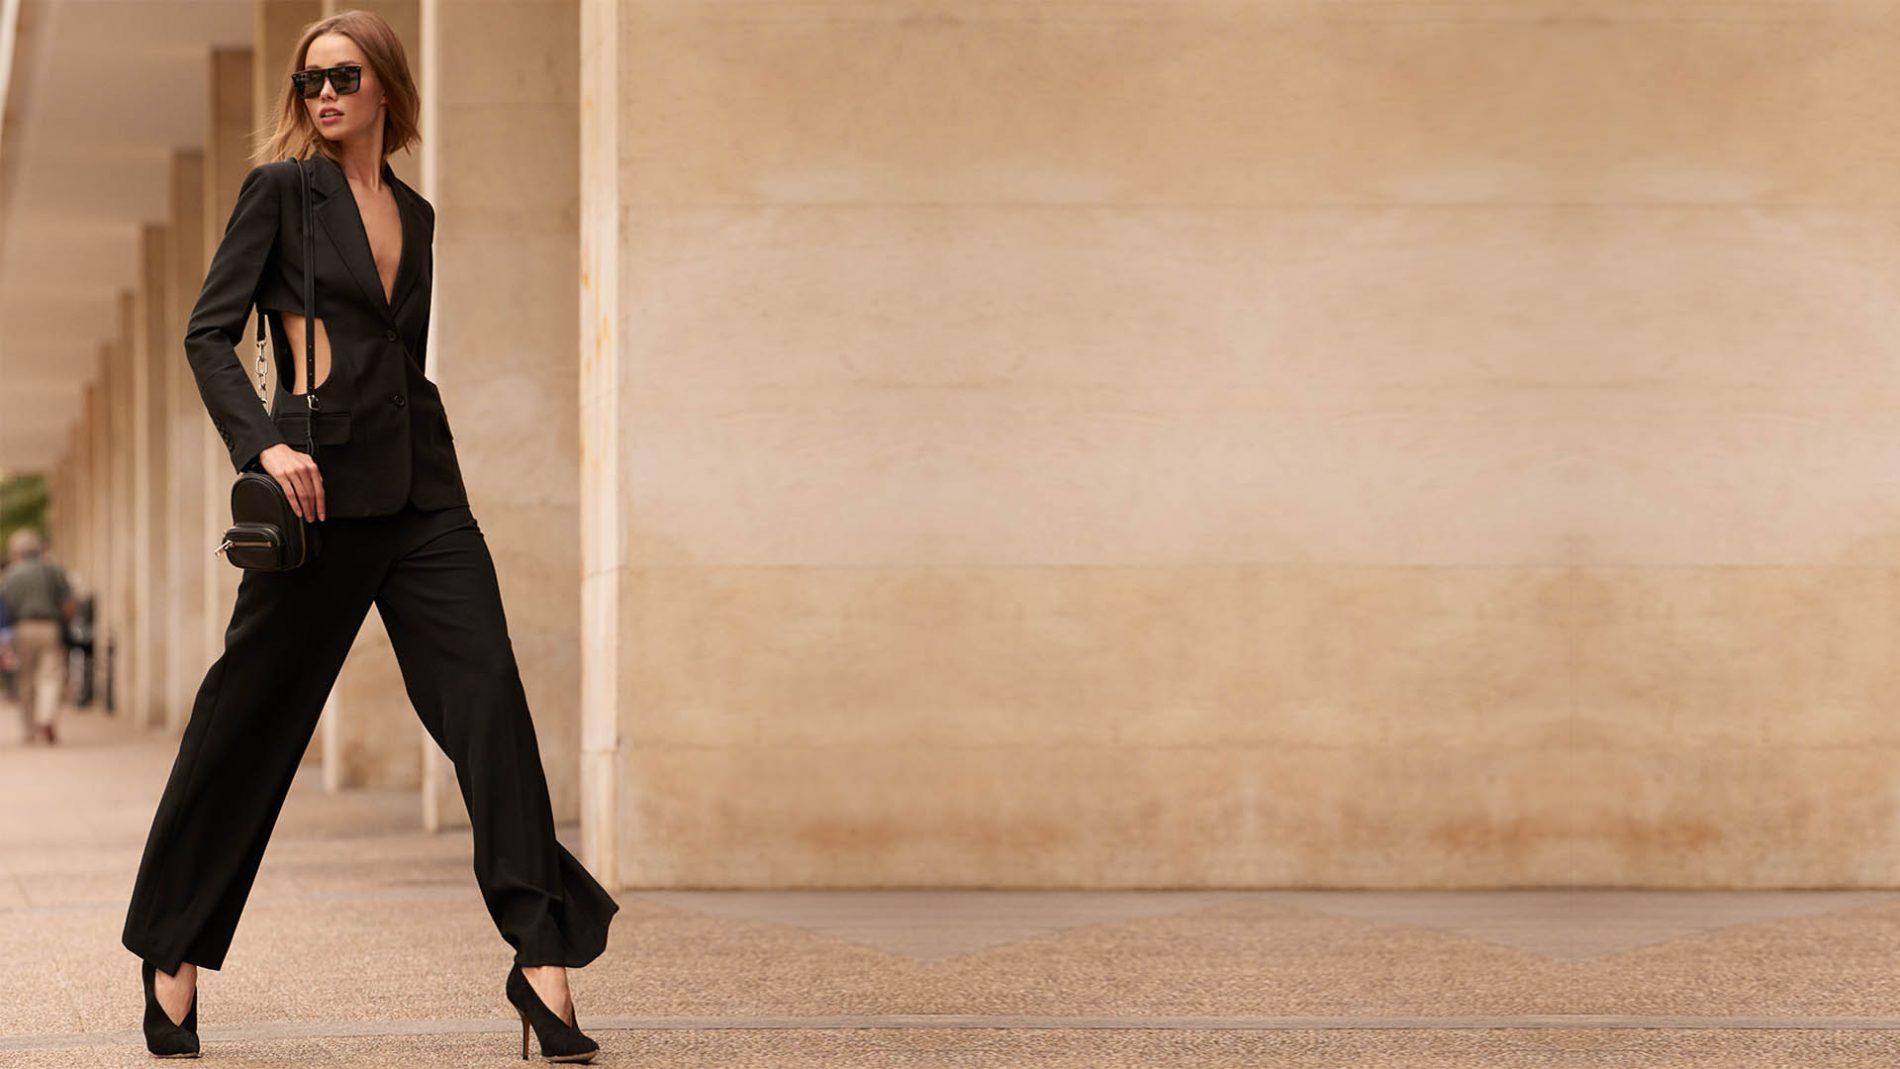 El Corte Inglés Ready-To-Wear Helmut Lang Celine Alexander Wang